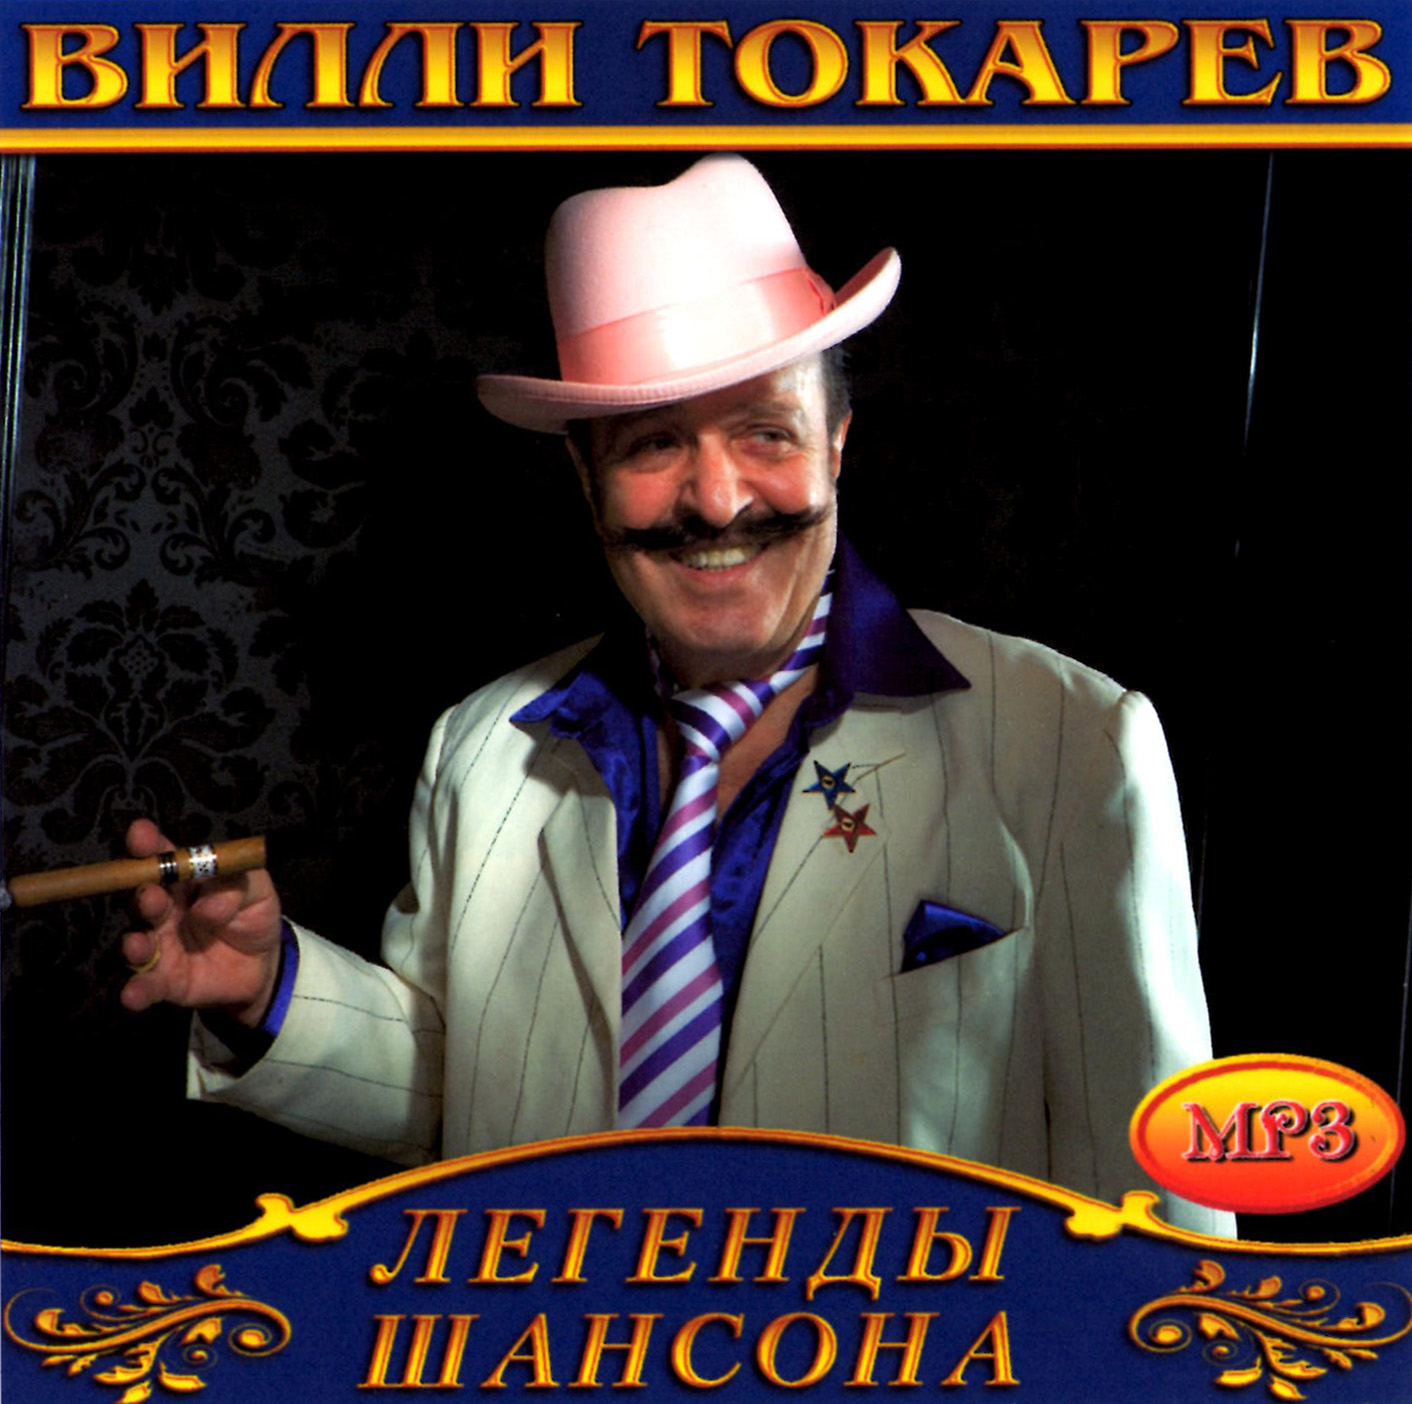 Вилли Токарев [mp3]